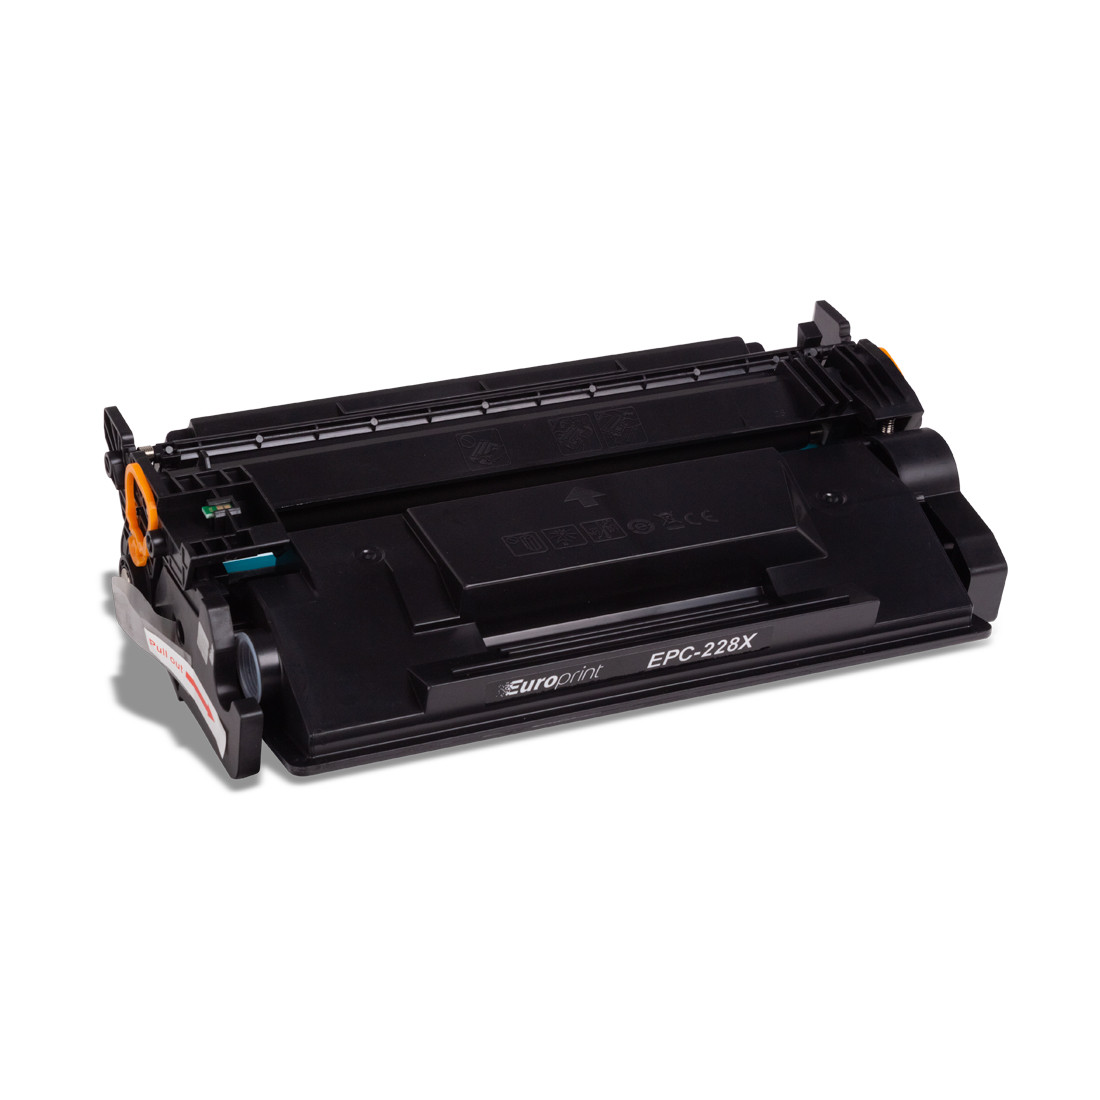 Картридж, Europrint, EPC-228X, Для принтеров HP LaserJet Pro M403, MFP M427, 9200 страниц.